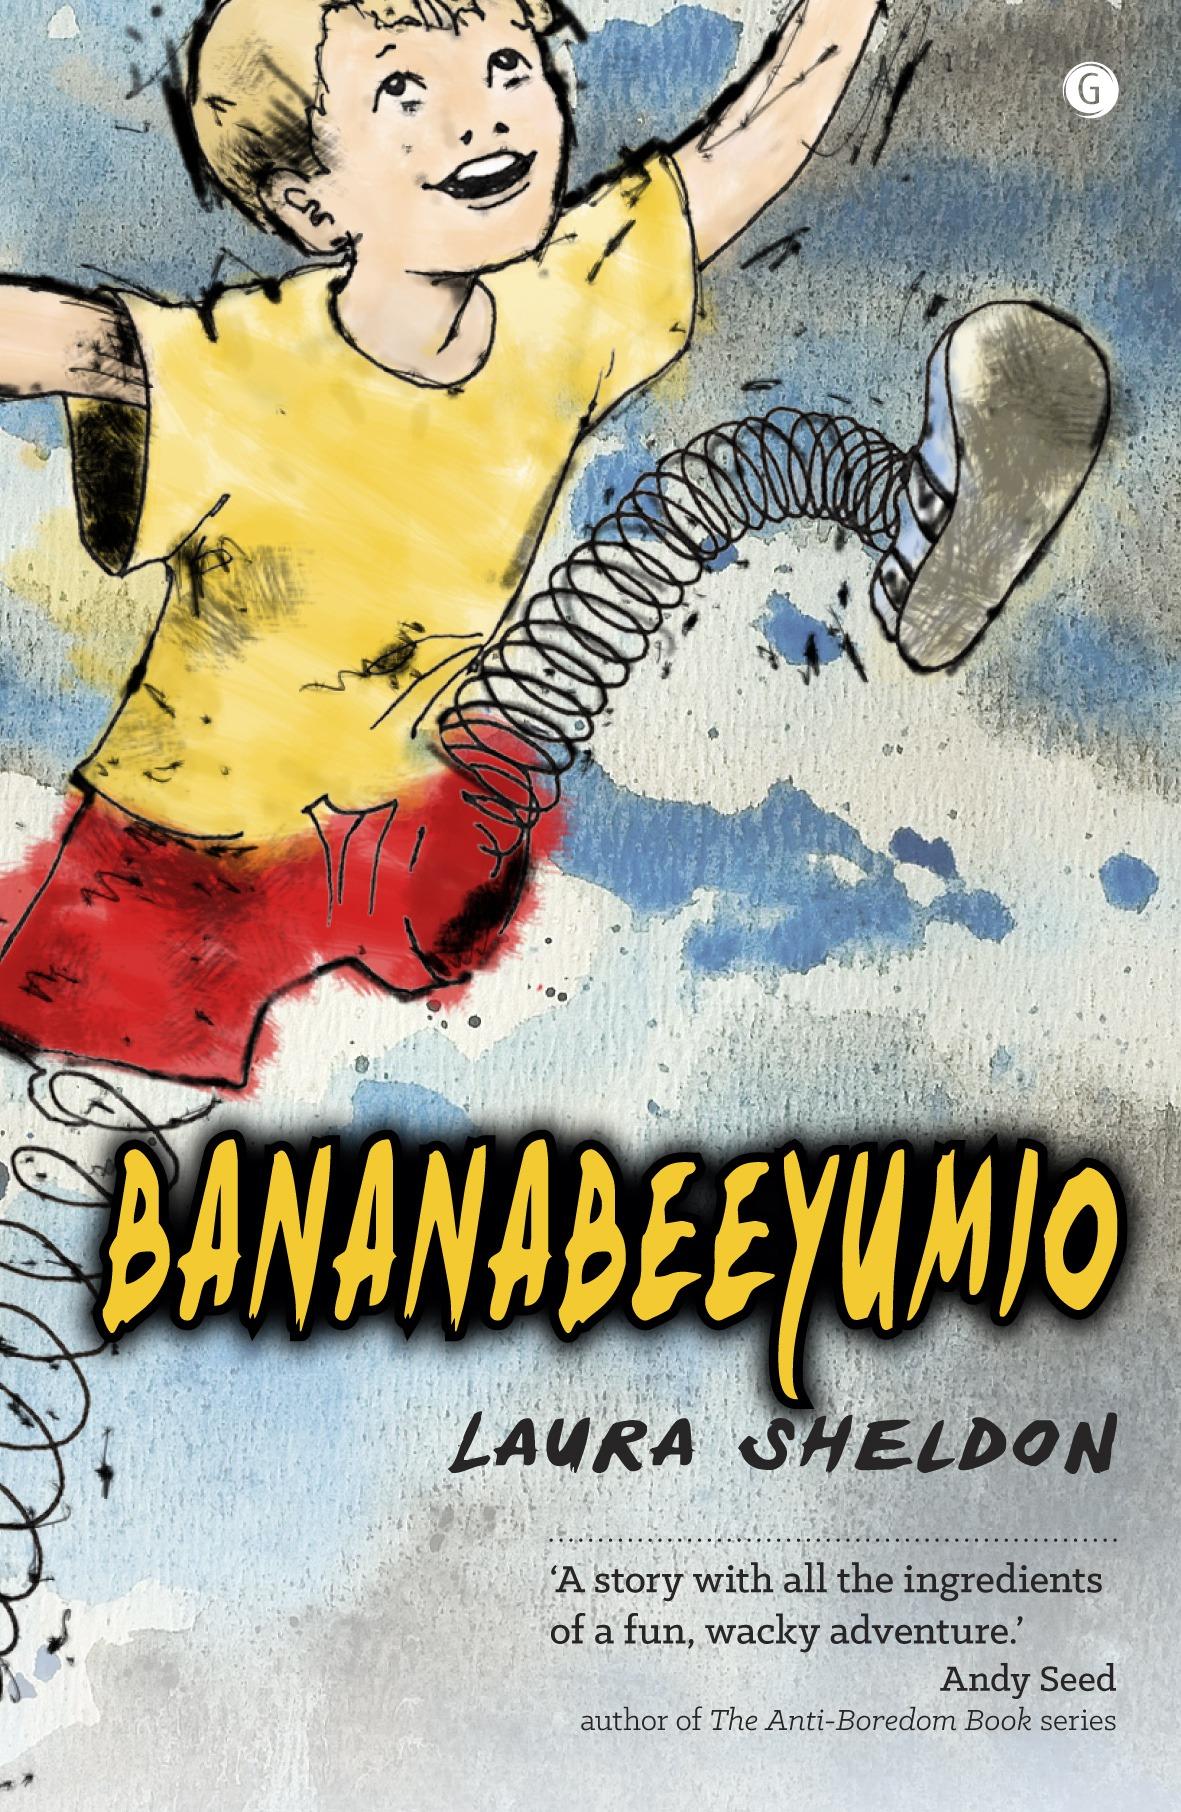 Laura Sheldon Bananabeeyumio